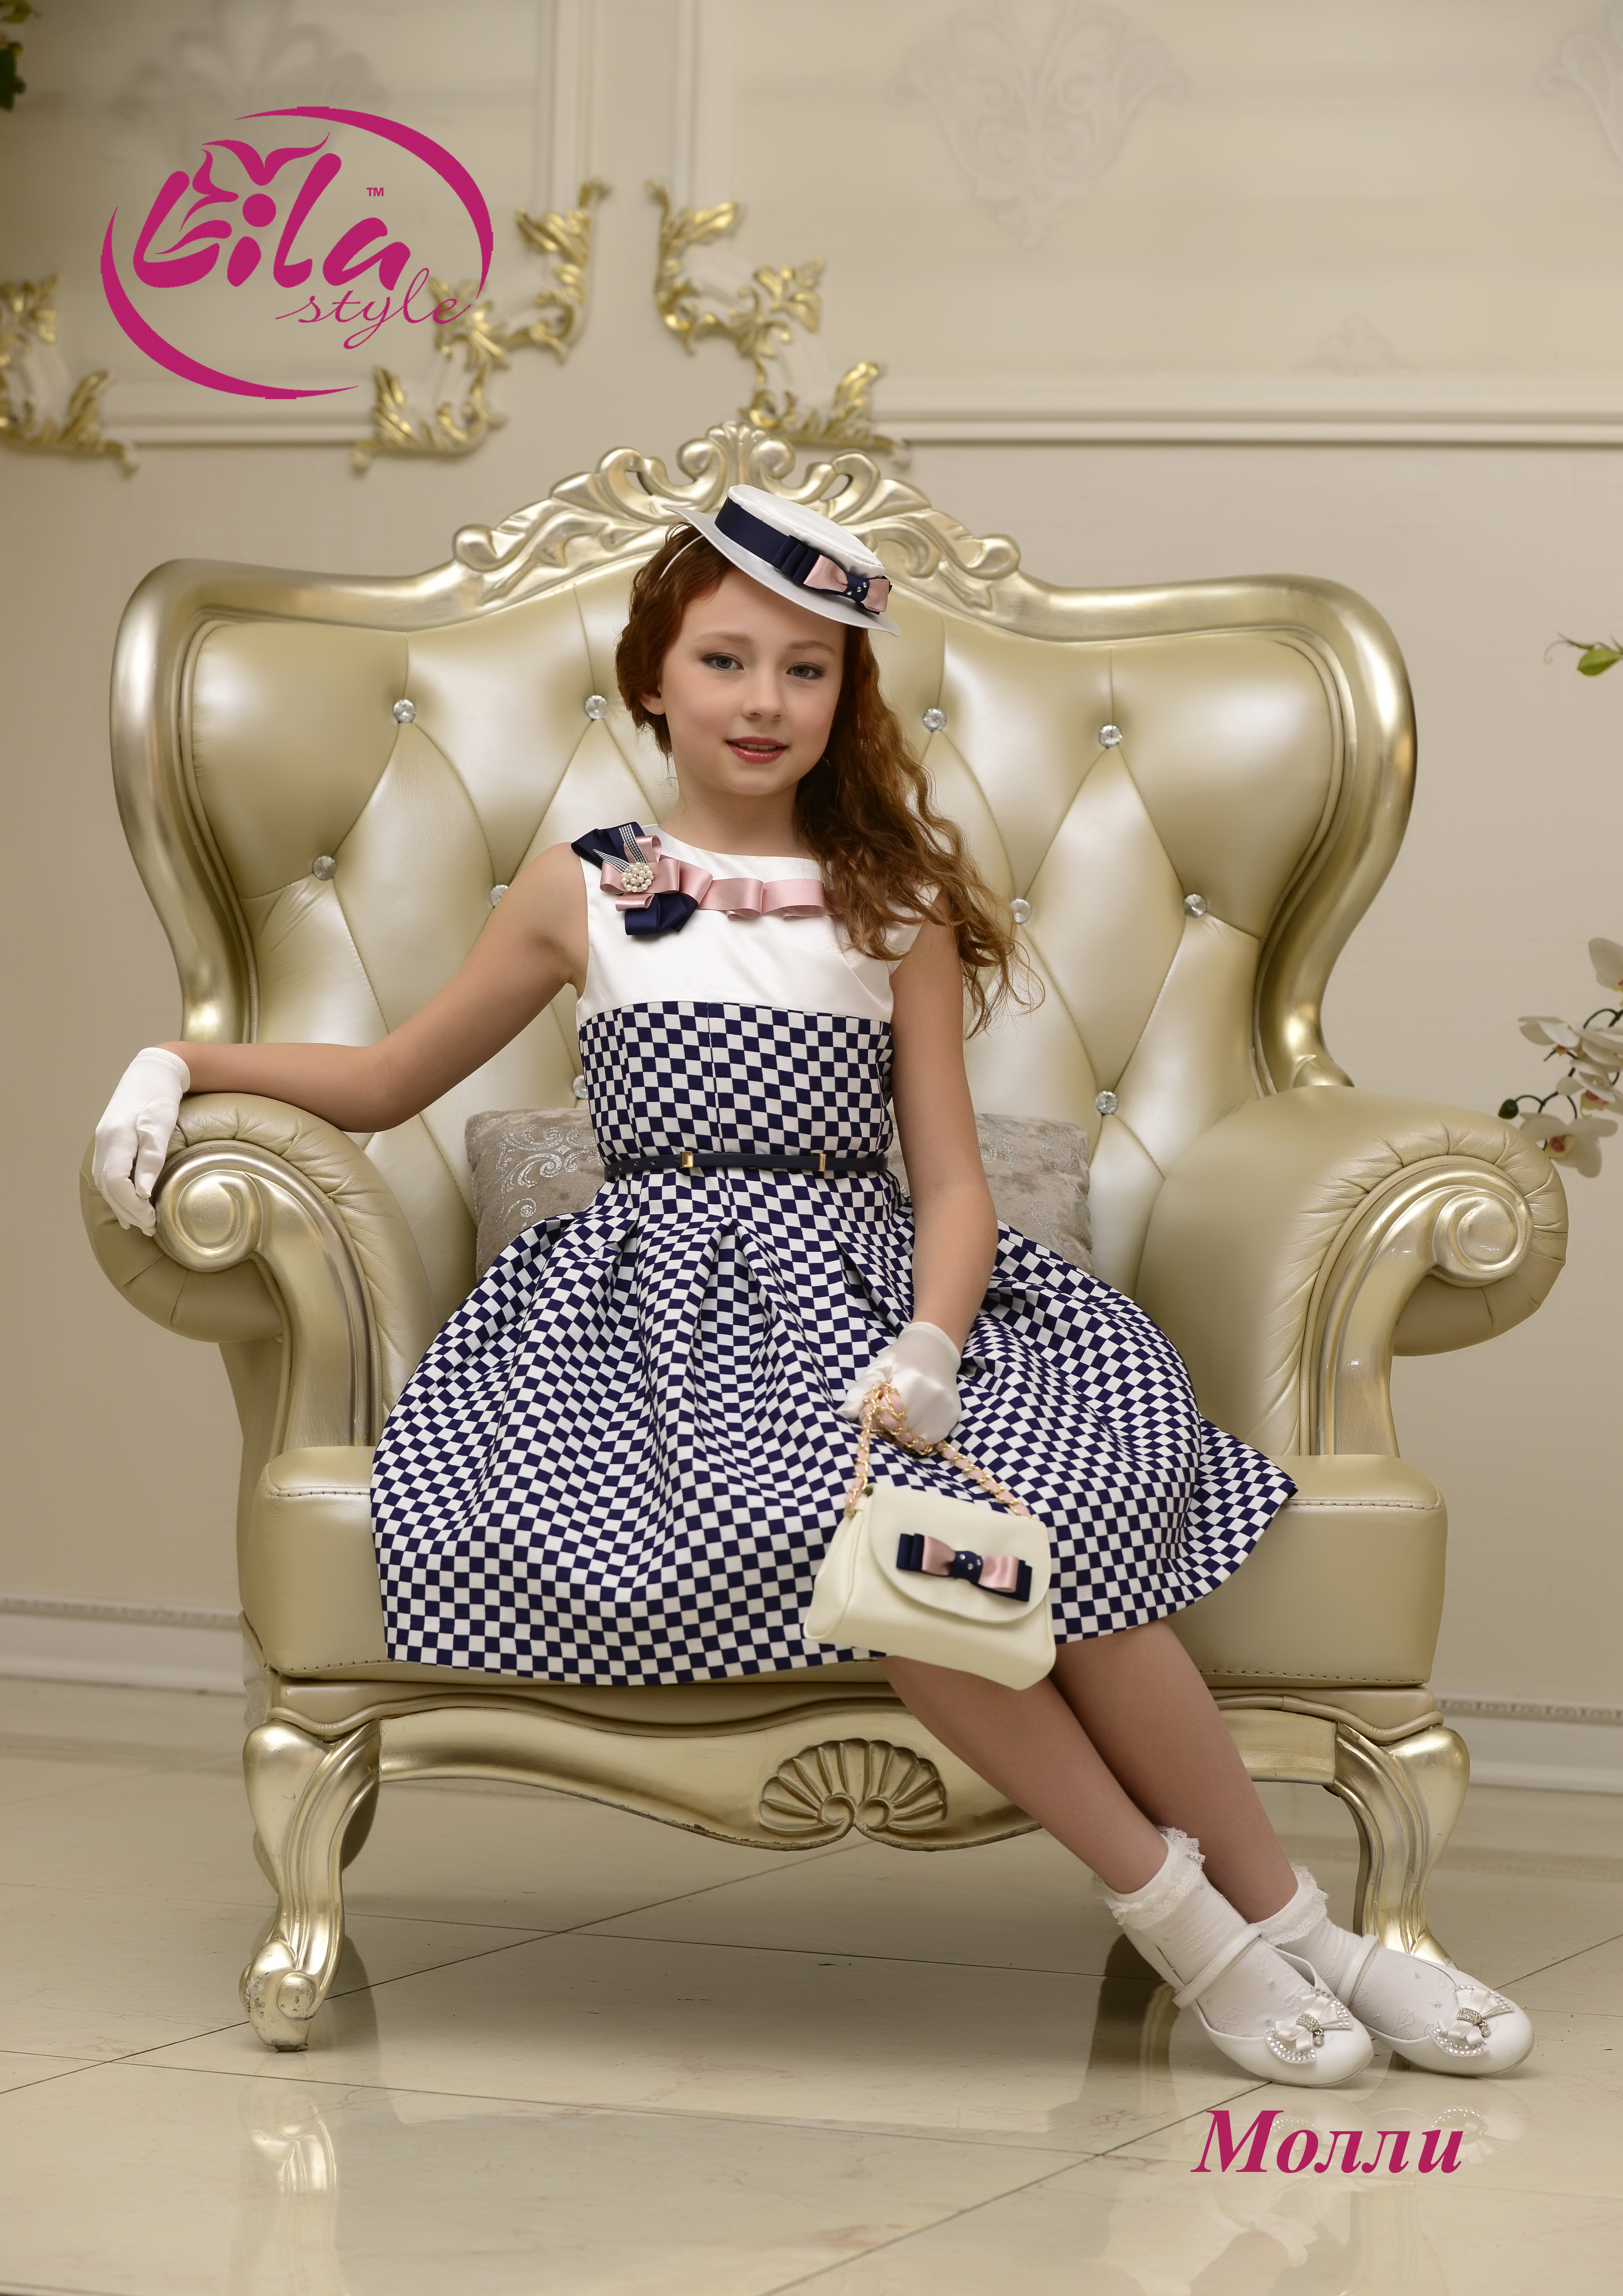 Приглашаю в свою закупку: Lila Style - стиль маленькой леди. Платья для праздника премиум класса по